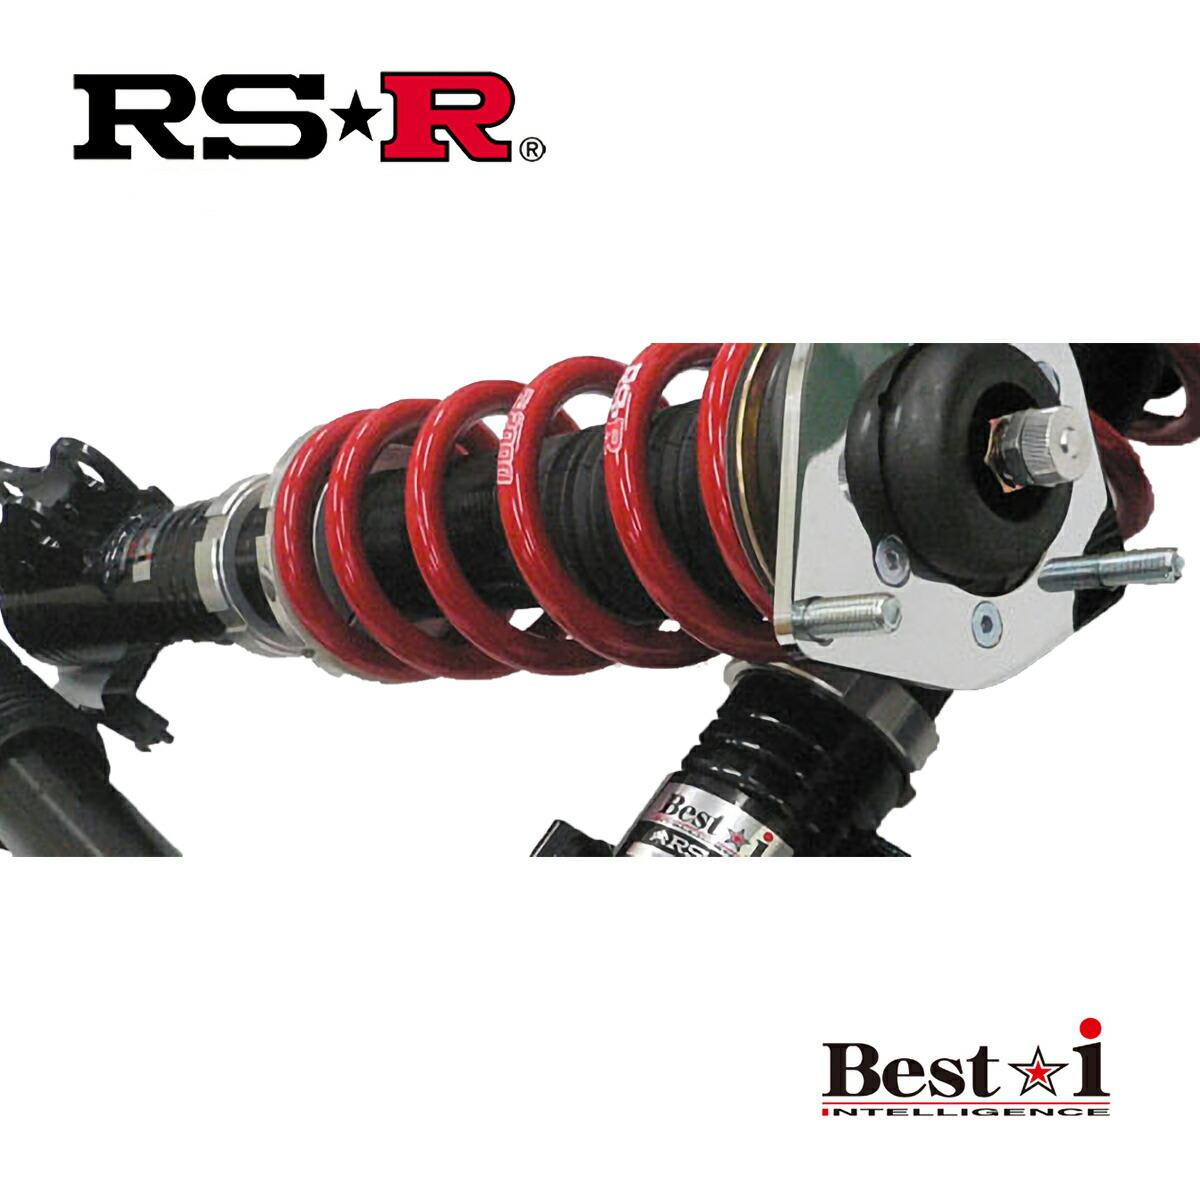 いいスタイル RS-R カローラツーリング ZWE211W ハイブリッド S 車高調 BIT813M BIT813M ZWE211W ベストi RSR カローラツーリング 個人宅発送追金有, Interplay:76caabf6 --- kventurepartners.sakura.ne.jp